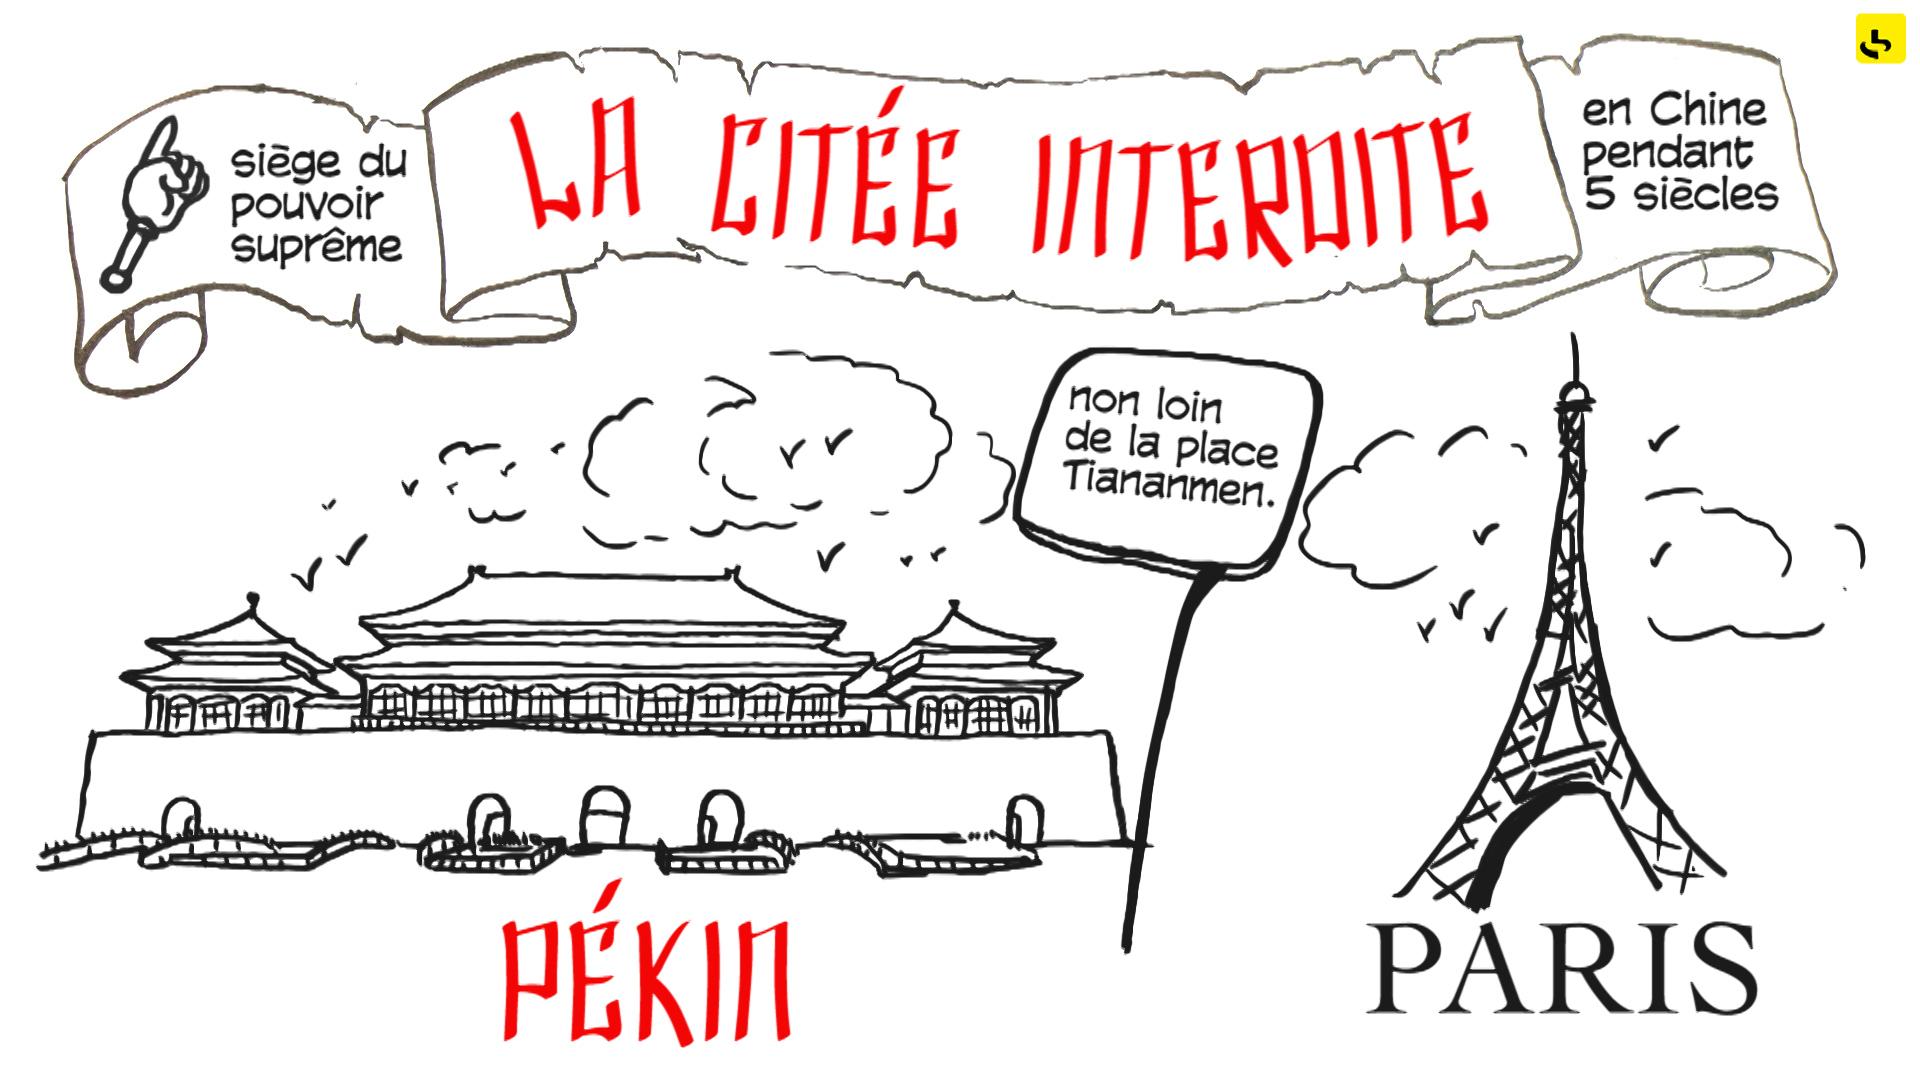 """La cité interdite. création d'une animation hebdomadaire pour le web site du programme """"Expliquez-nous"""" de France info"""